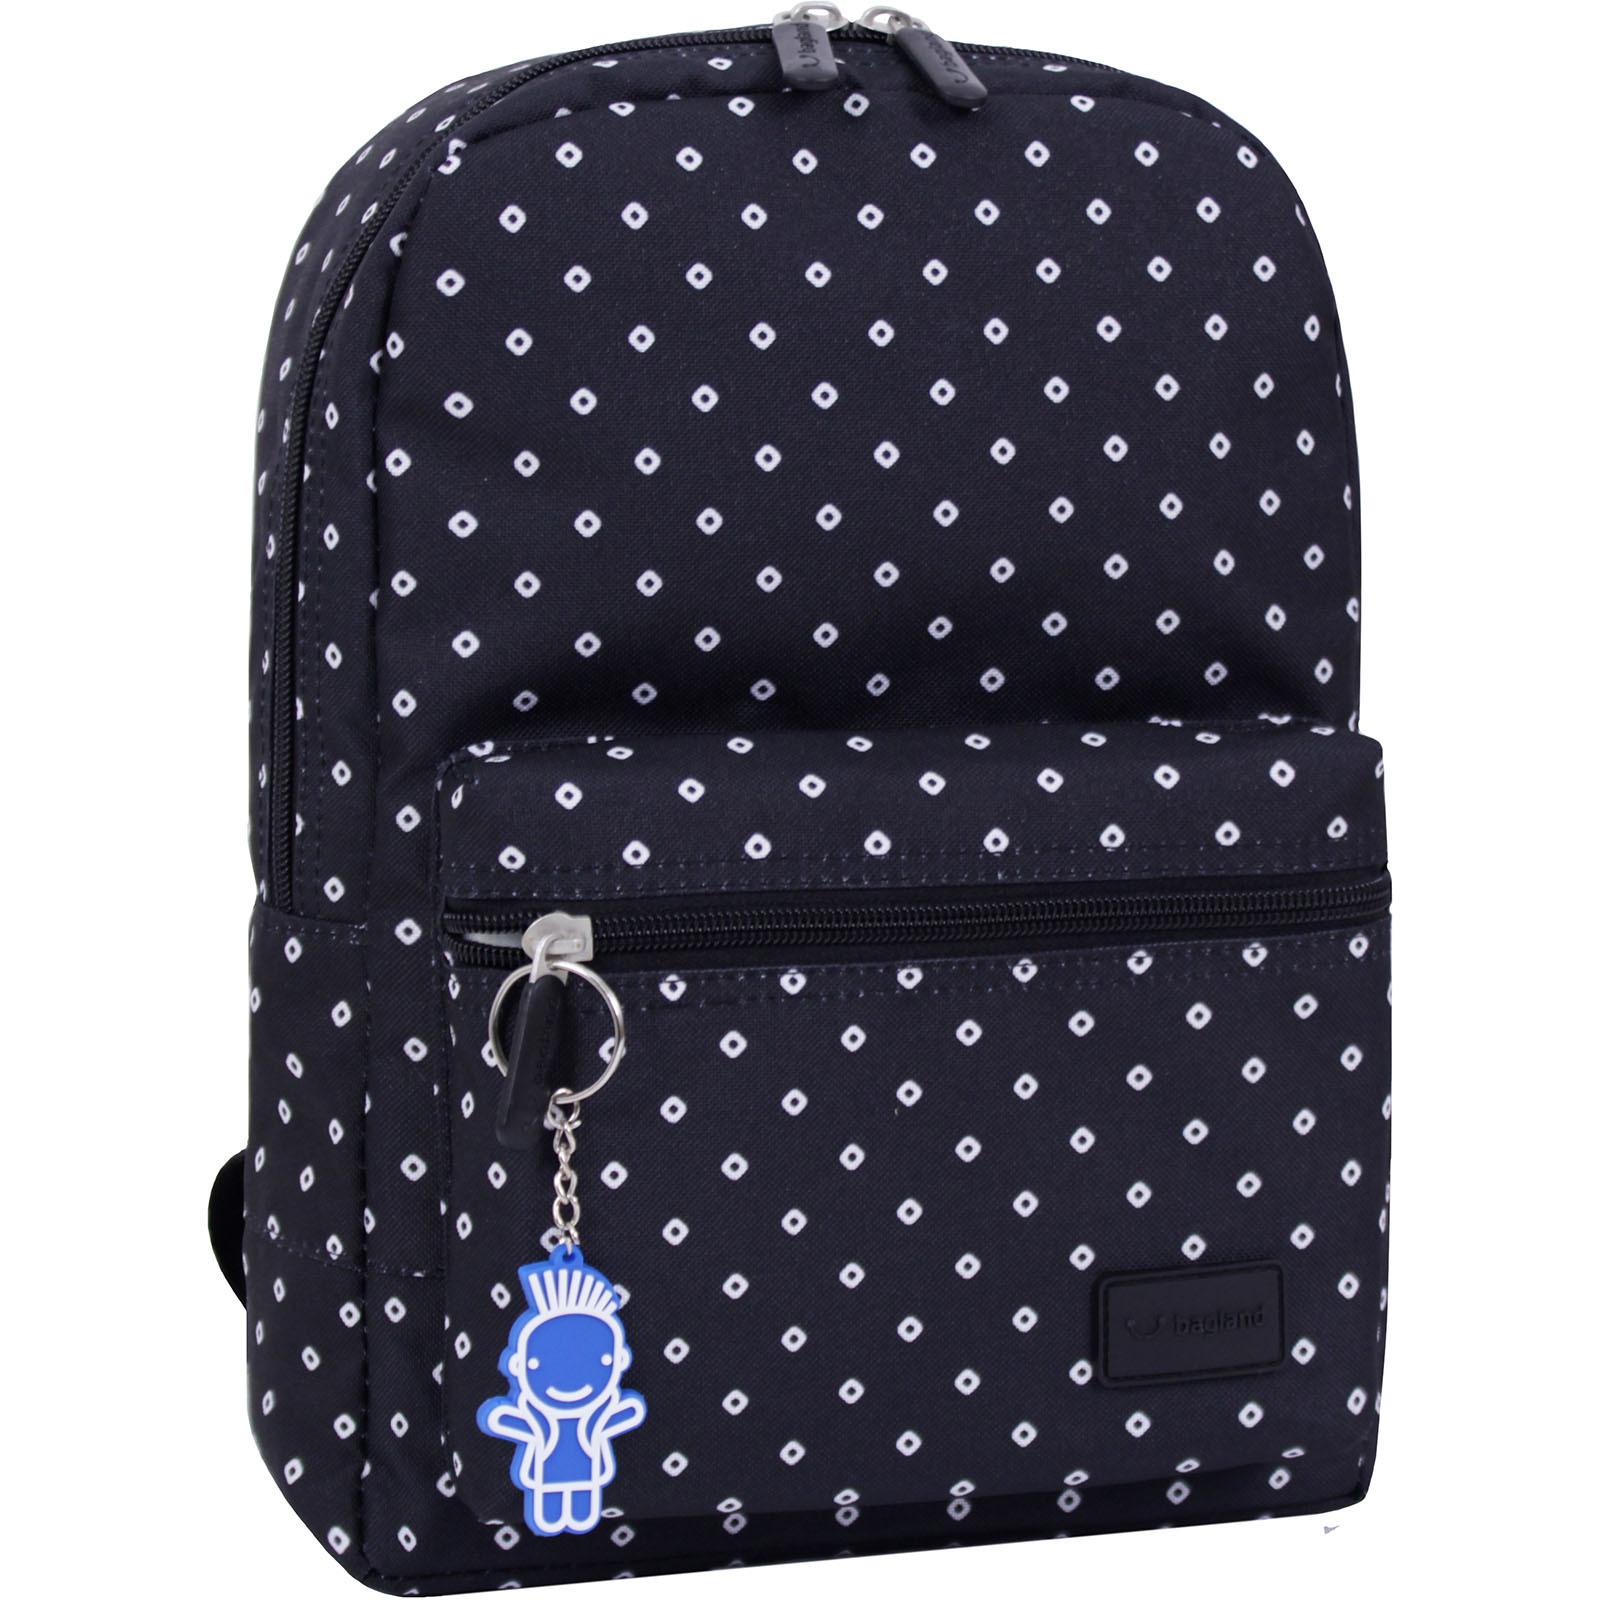 Детские рюкзаки Рюкзак Bagland Молодежный mini 8 л. сублимация 462 (00508664) IMG_3768_суб.462_.JPG